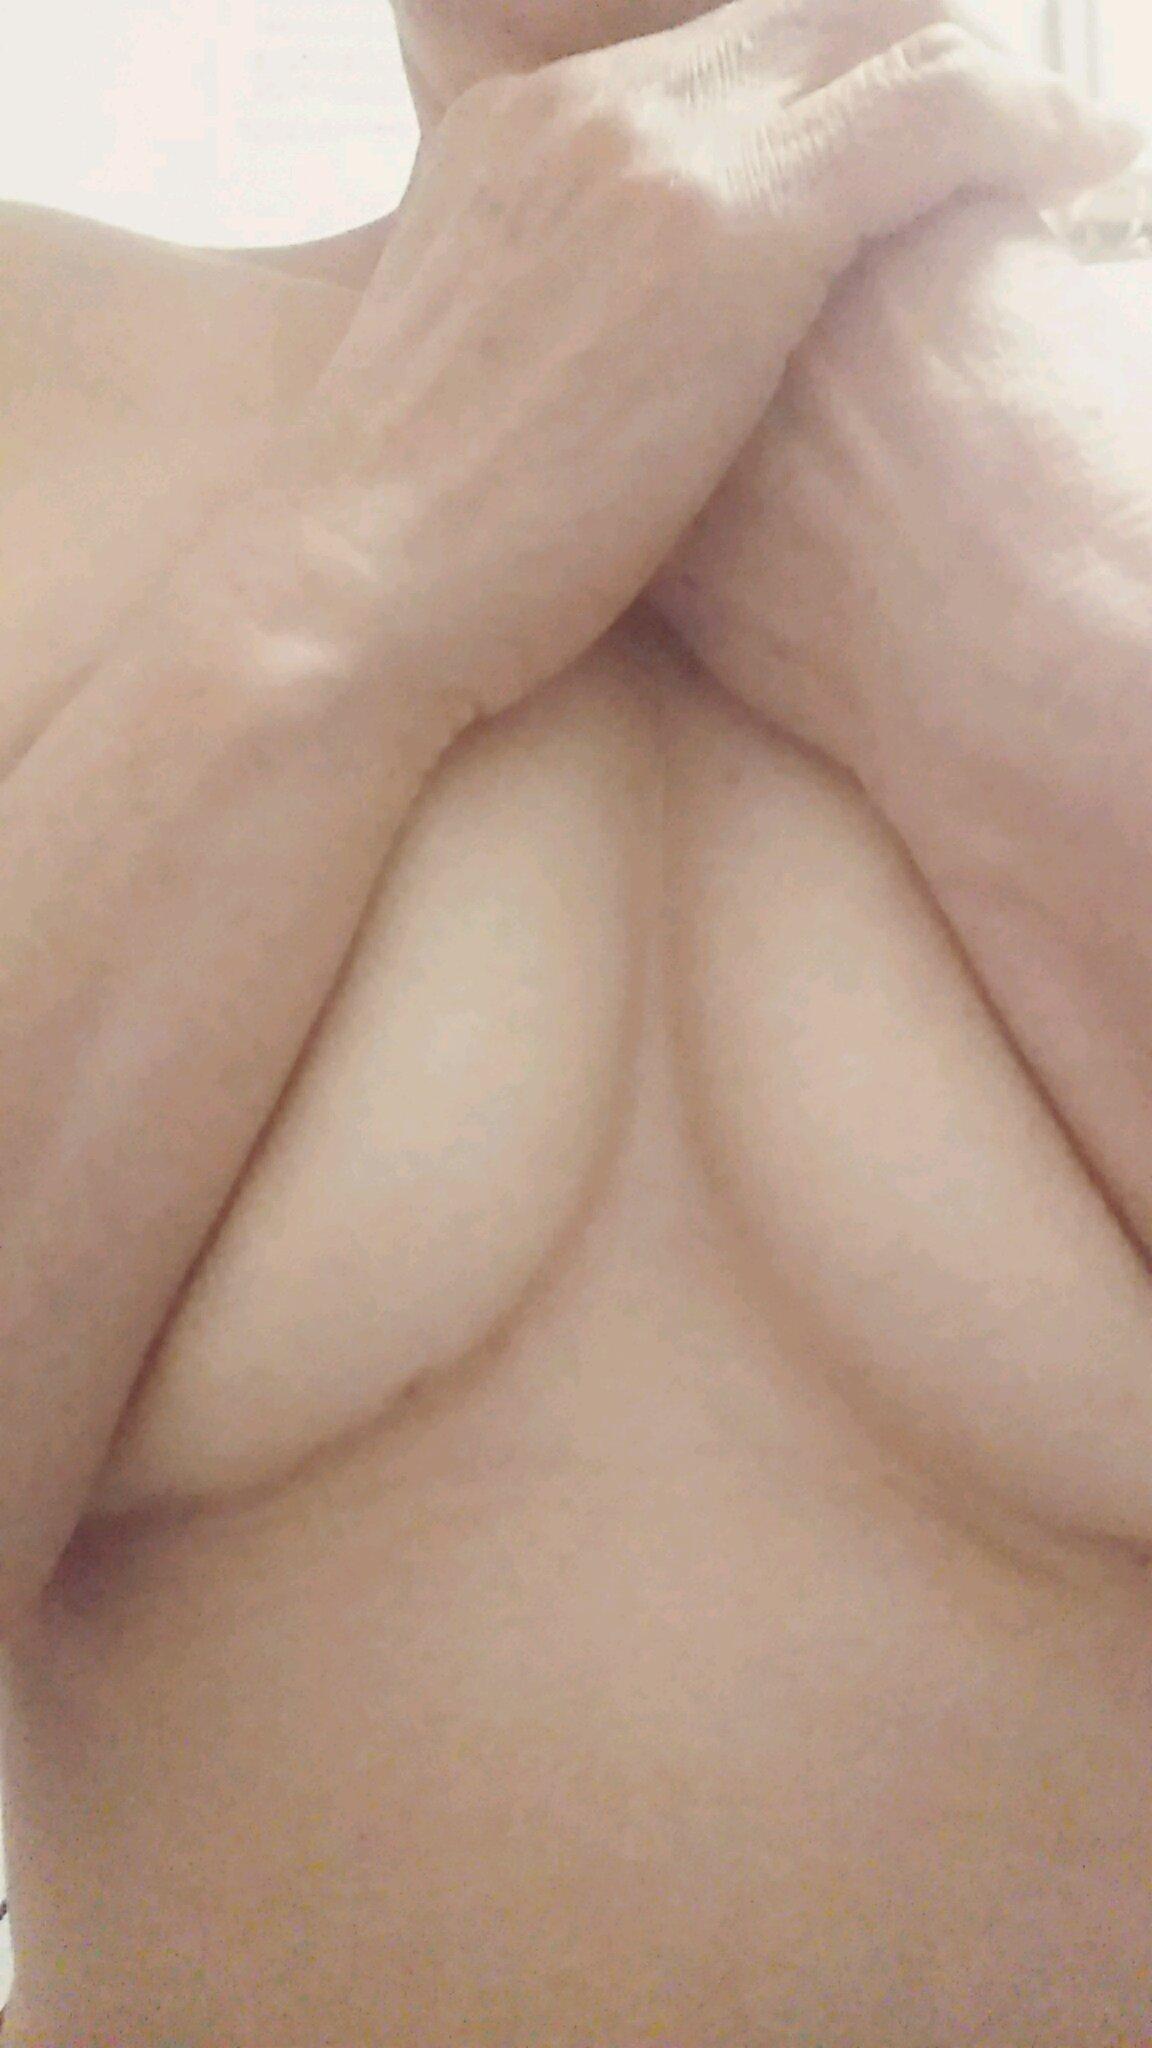 「お誘いお待ちしてます」07/04(07/04) 17:08 | ことの京橋熟女の写メ・風俗動画